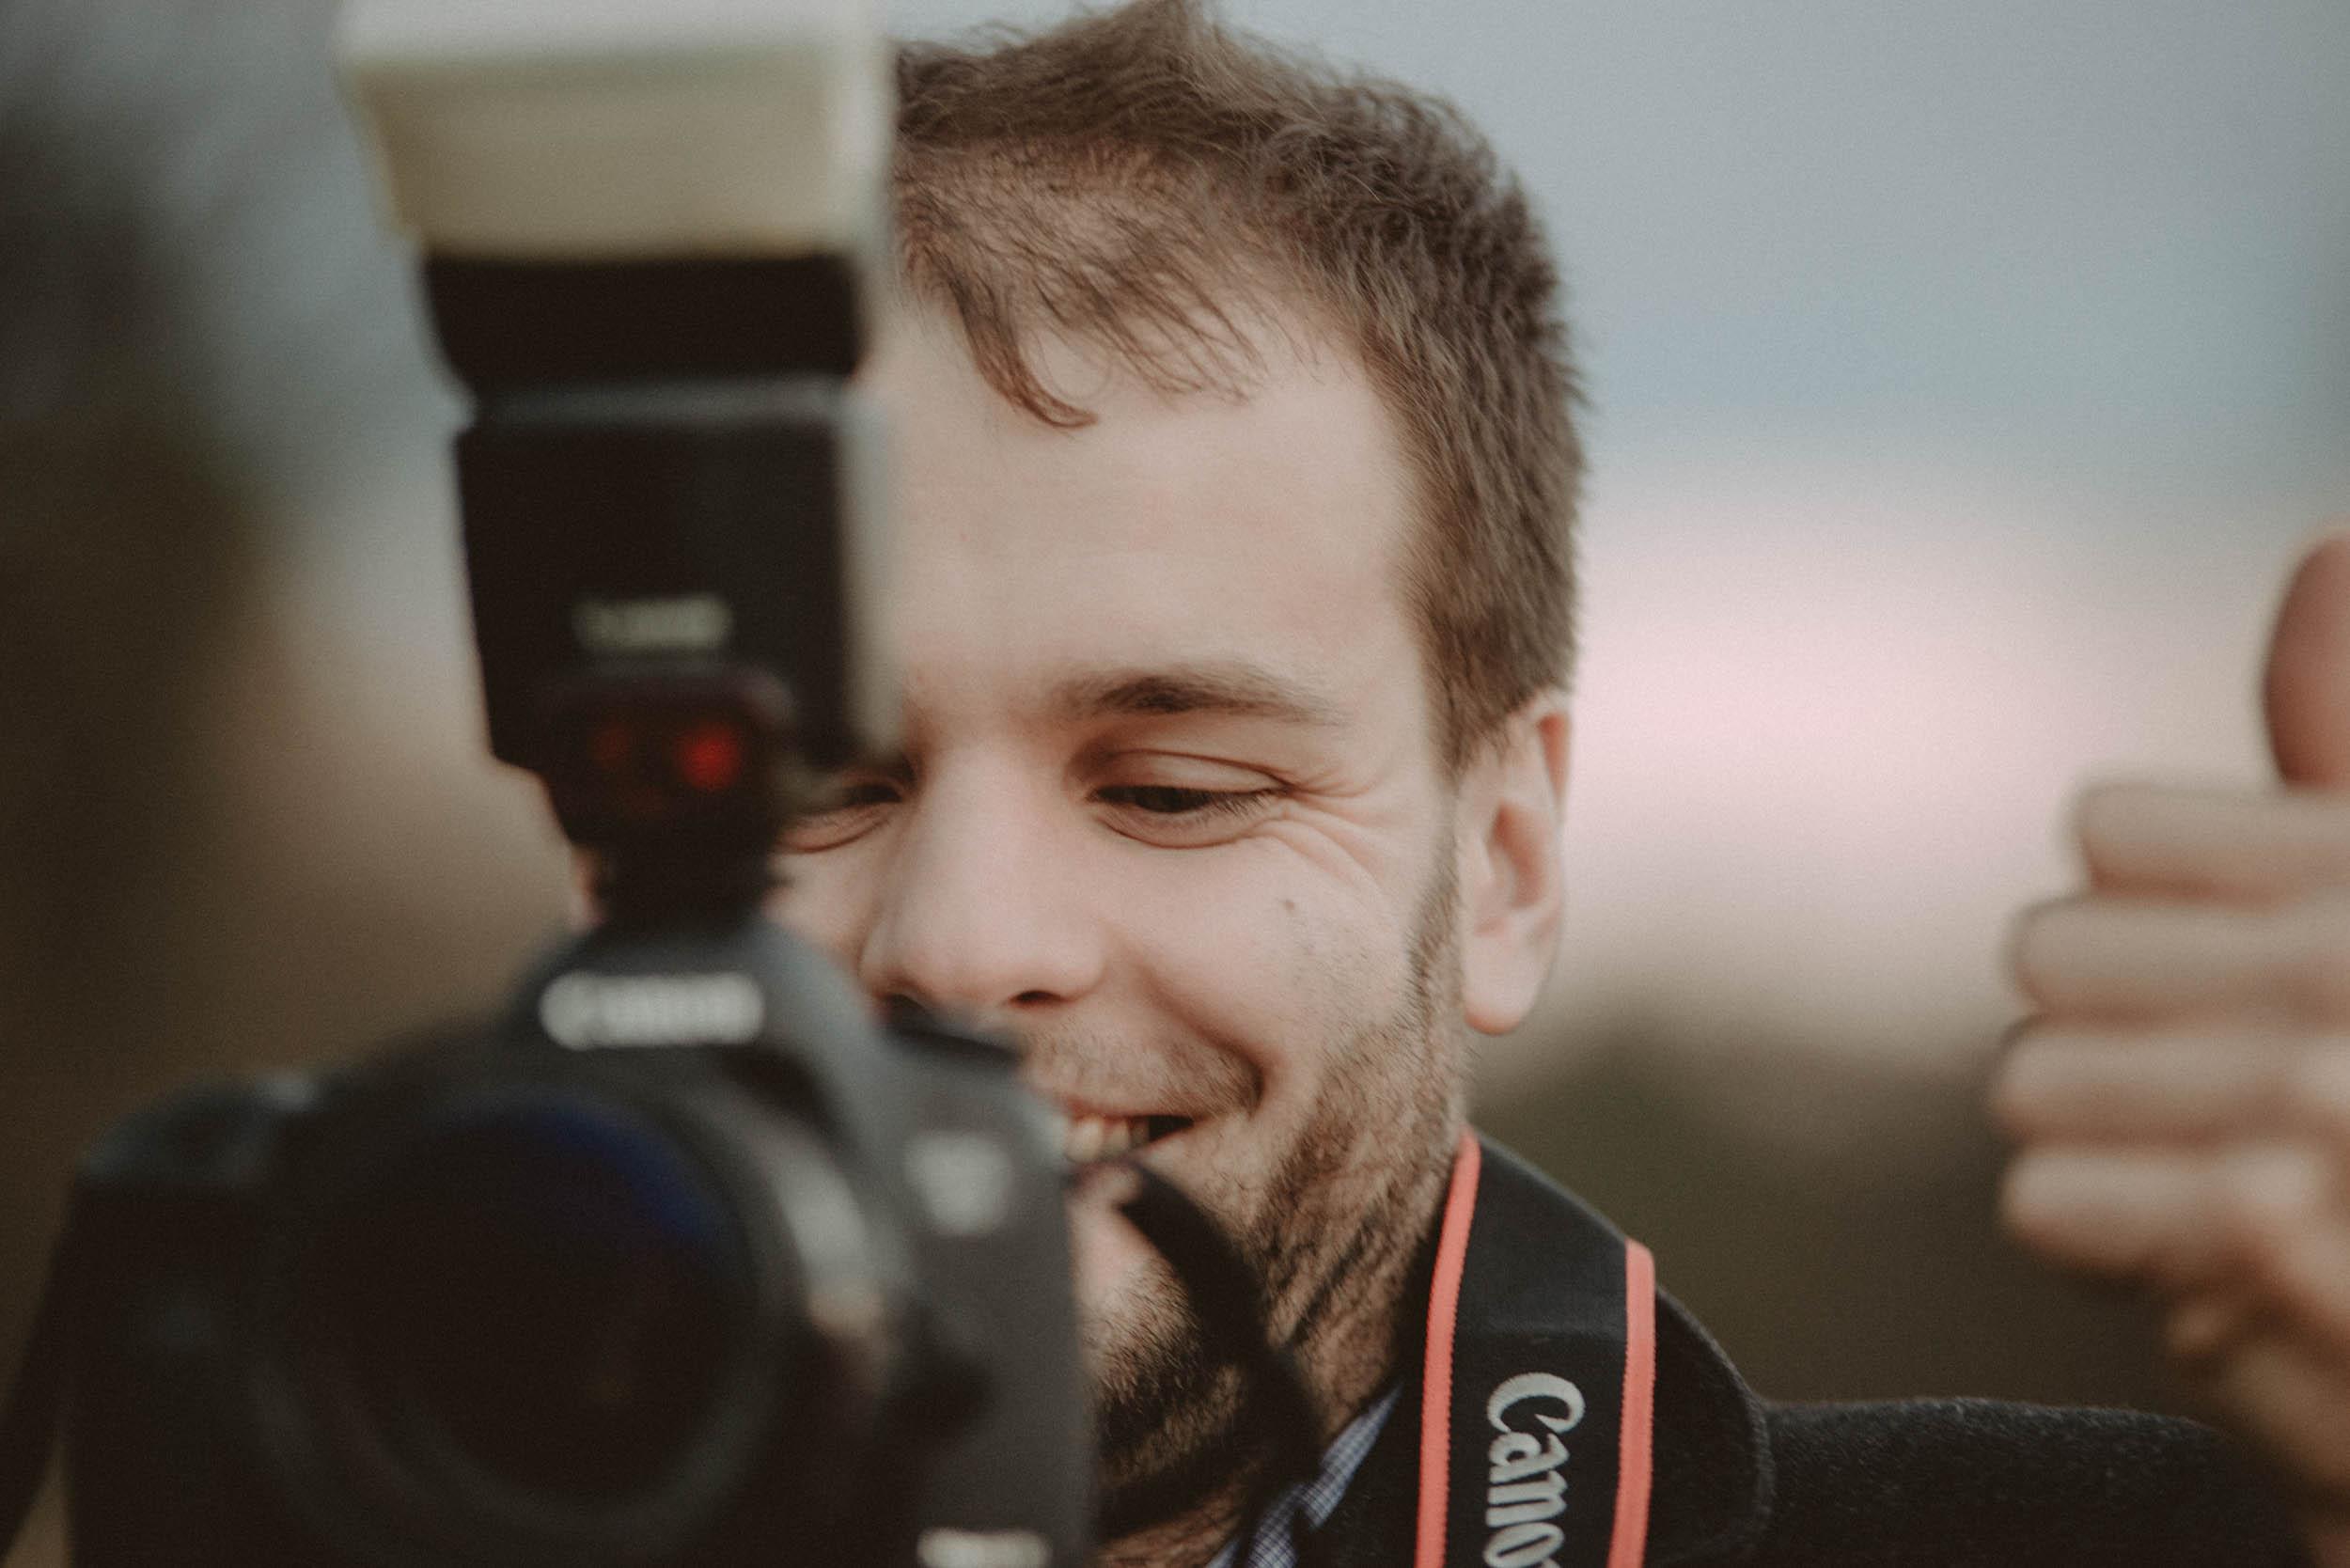 Photomagician videographer